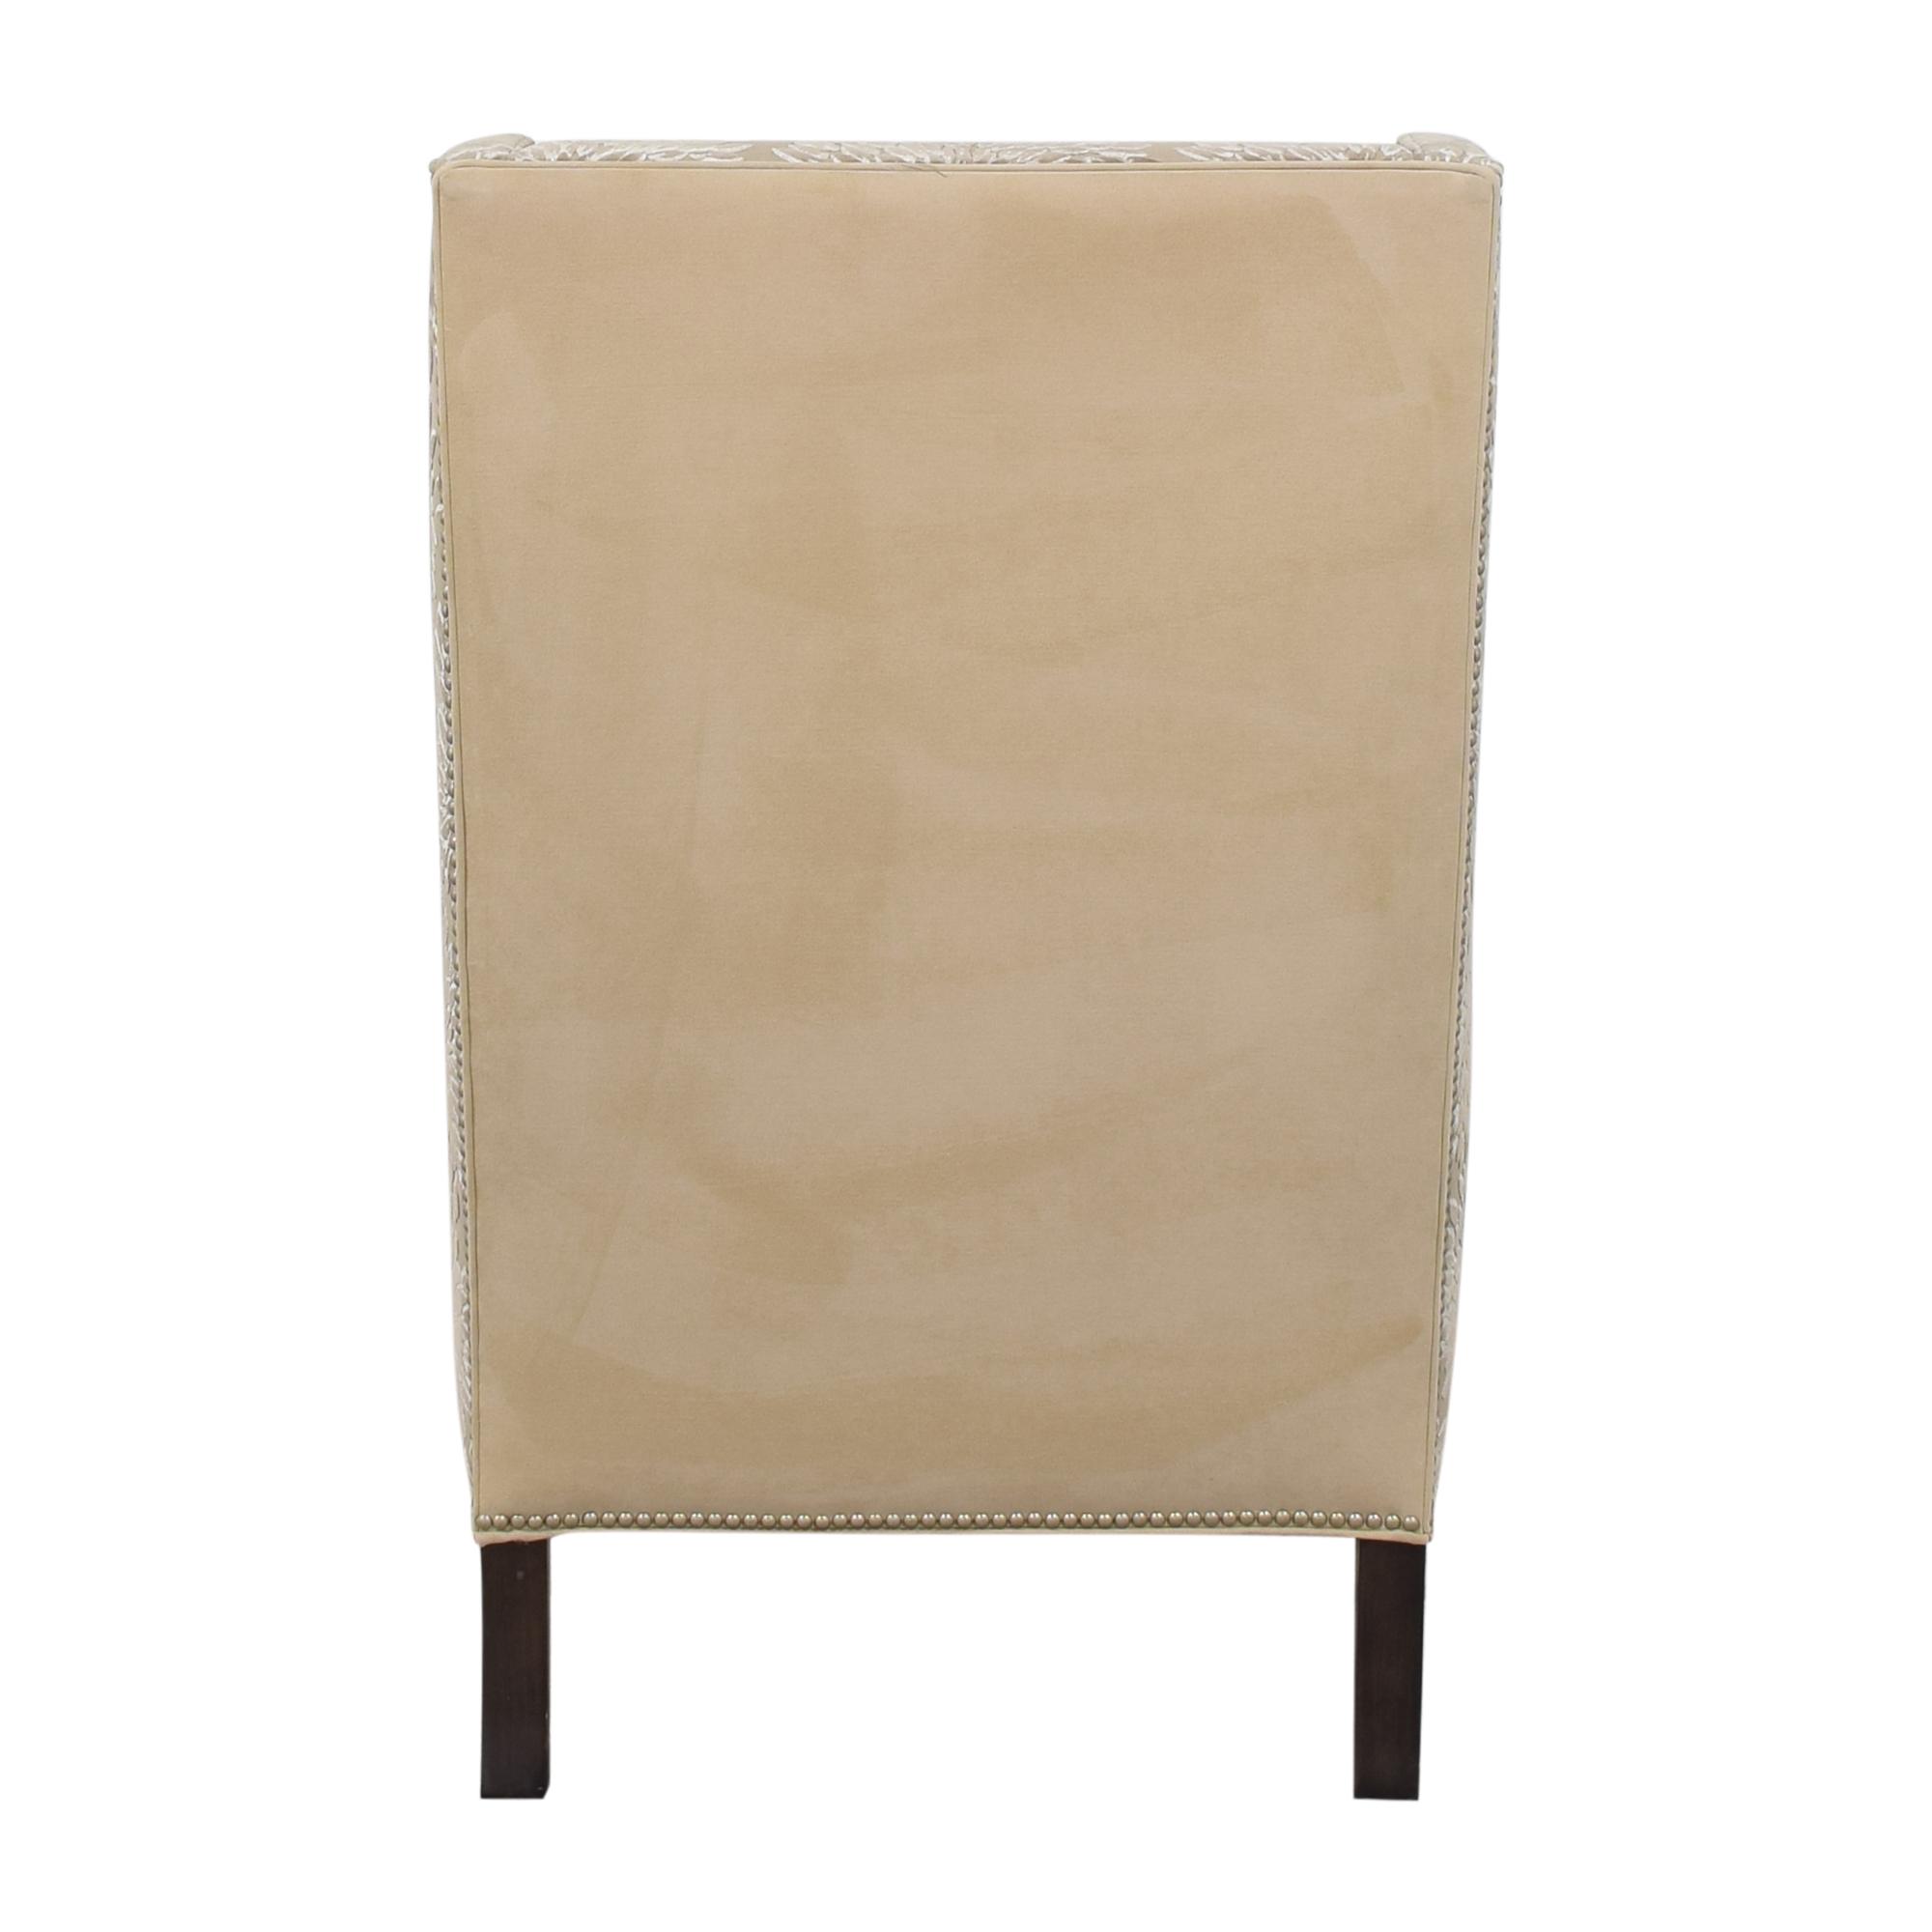 Kravet Kravet Navarre Chair on sale